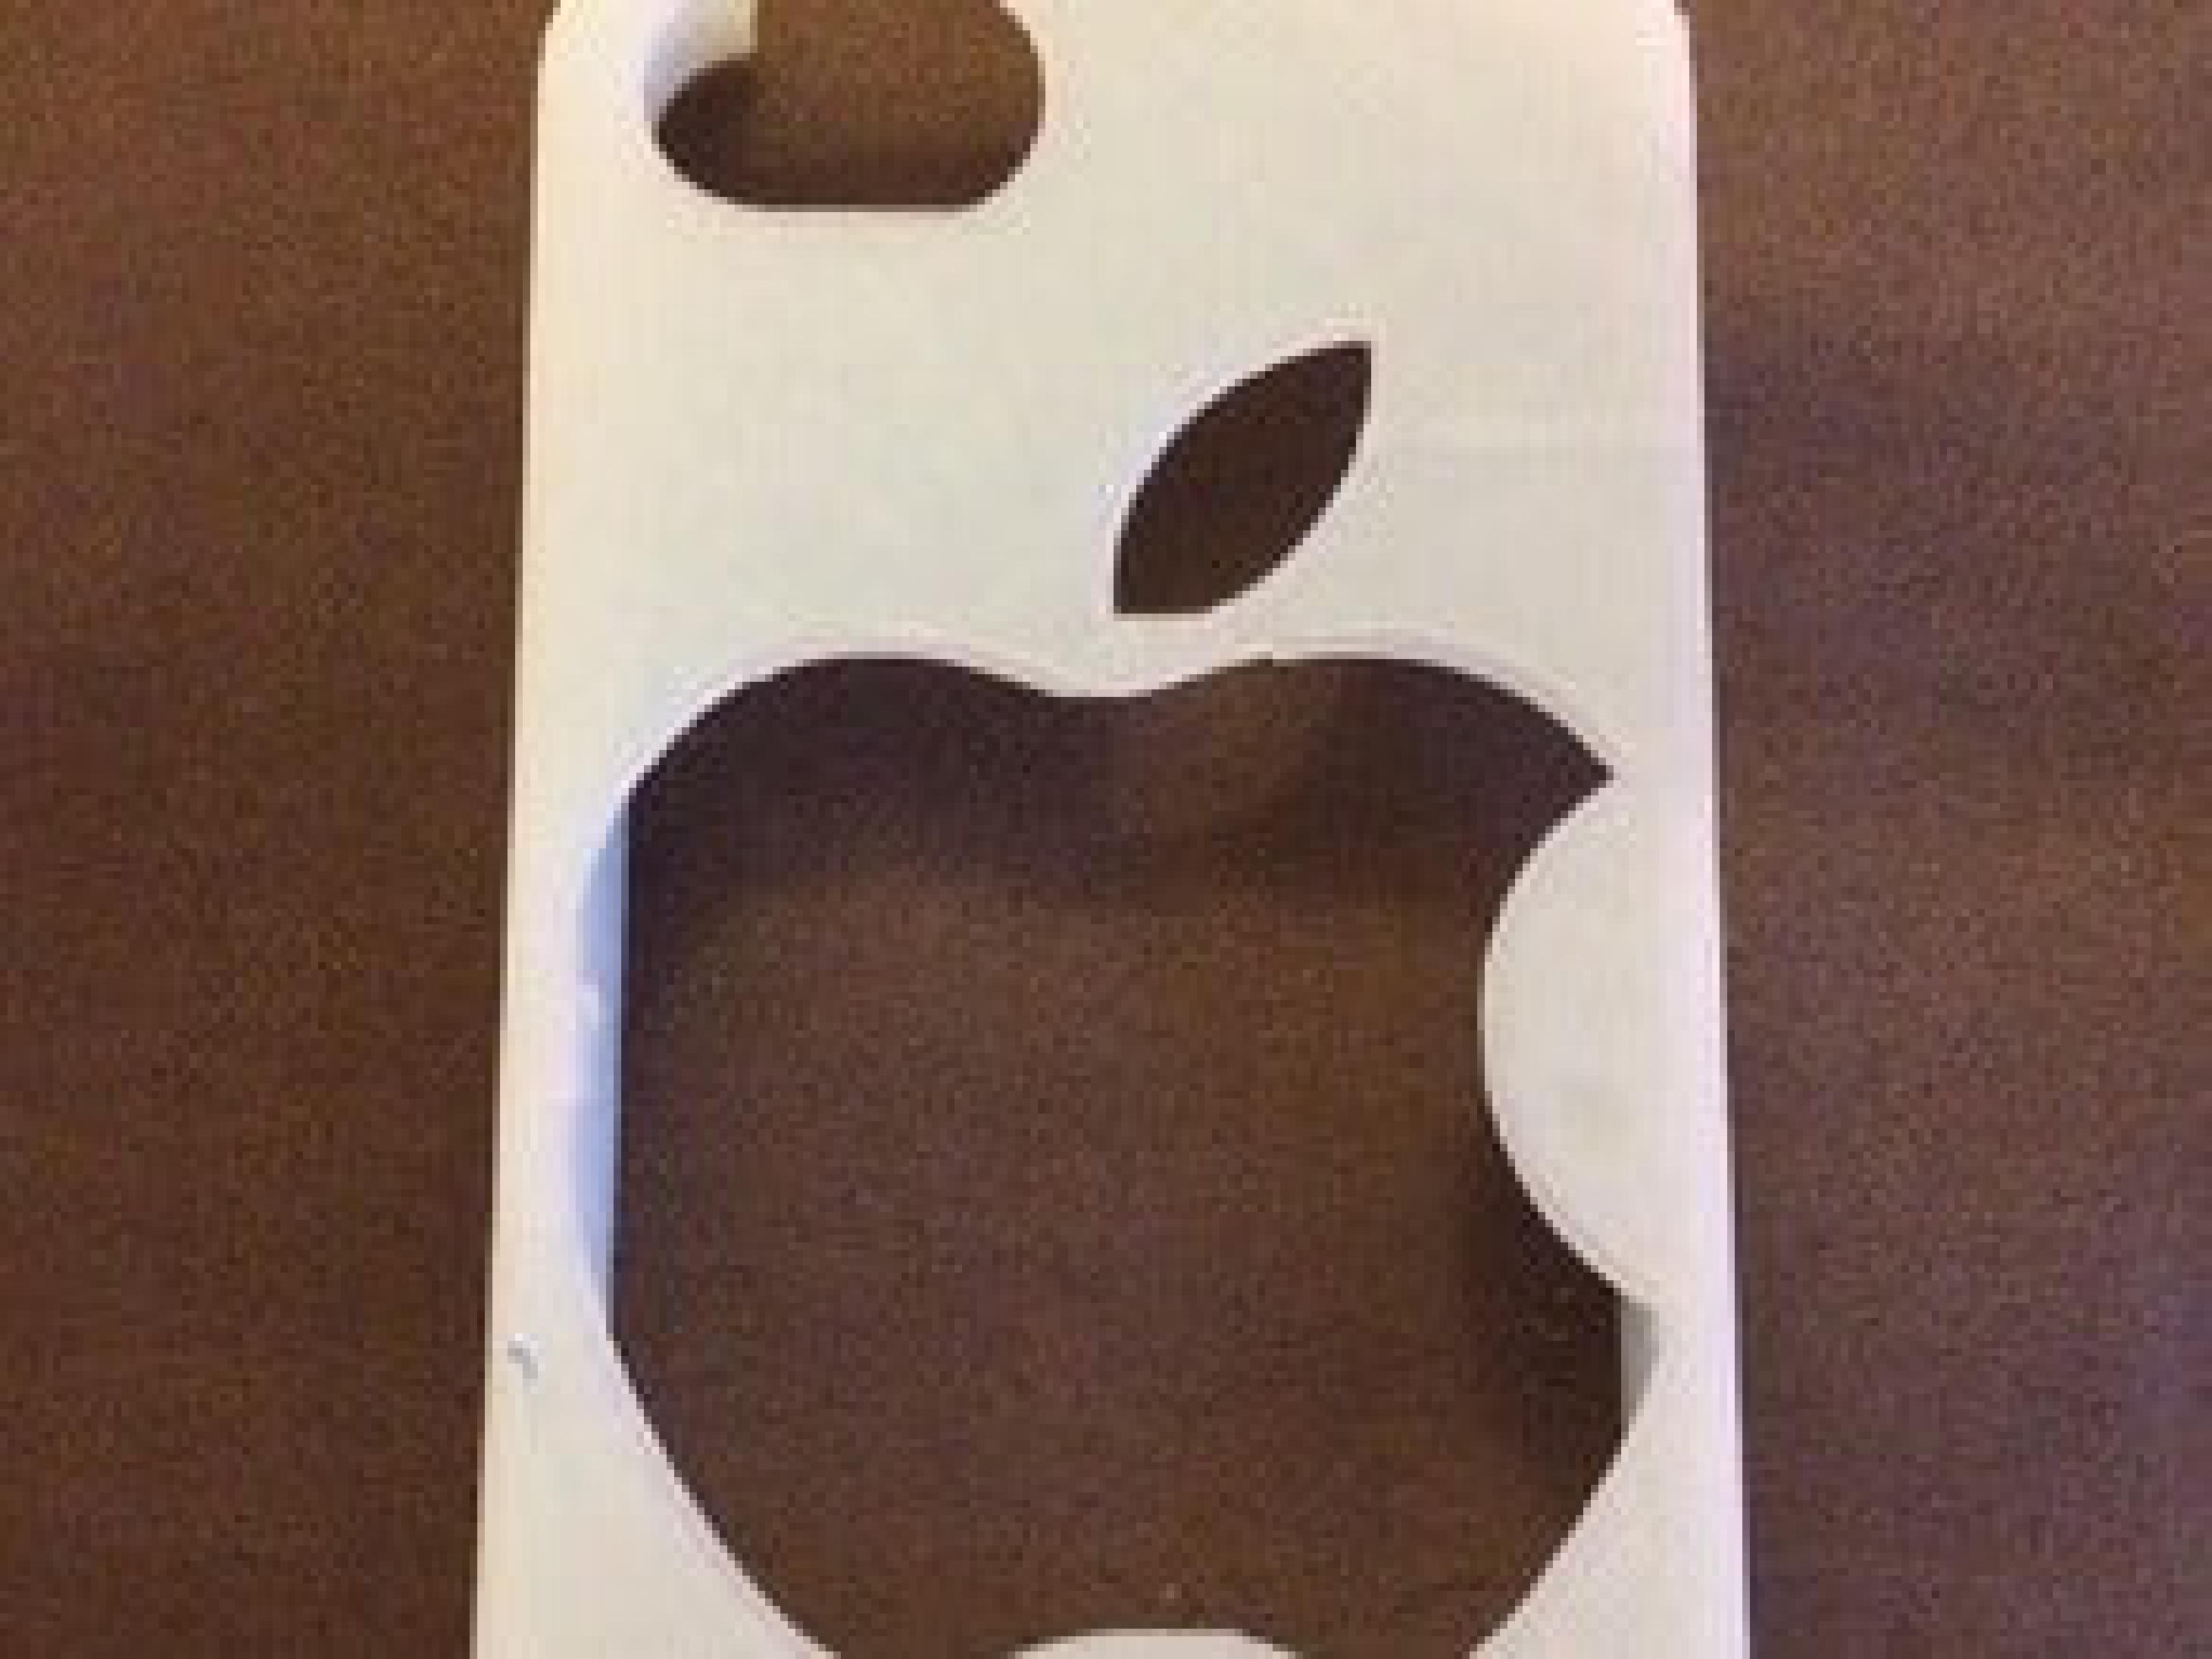 Apple Logosu Iphone 5 kılıfı  kapağı Aparatı Hediyelik Aksesuar